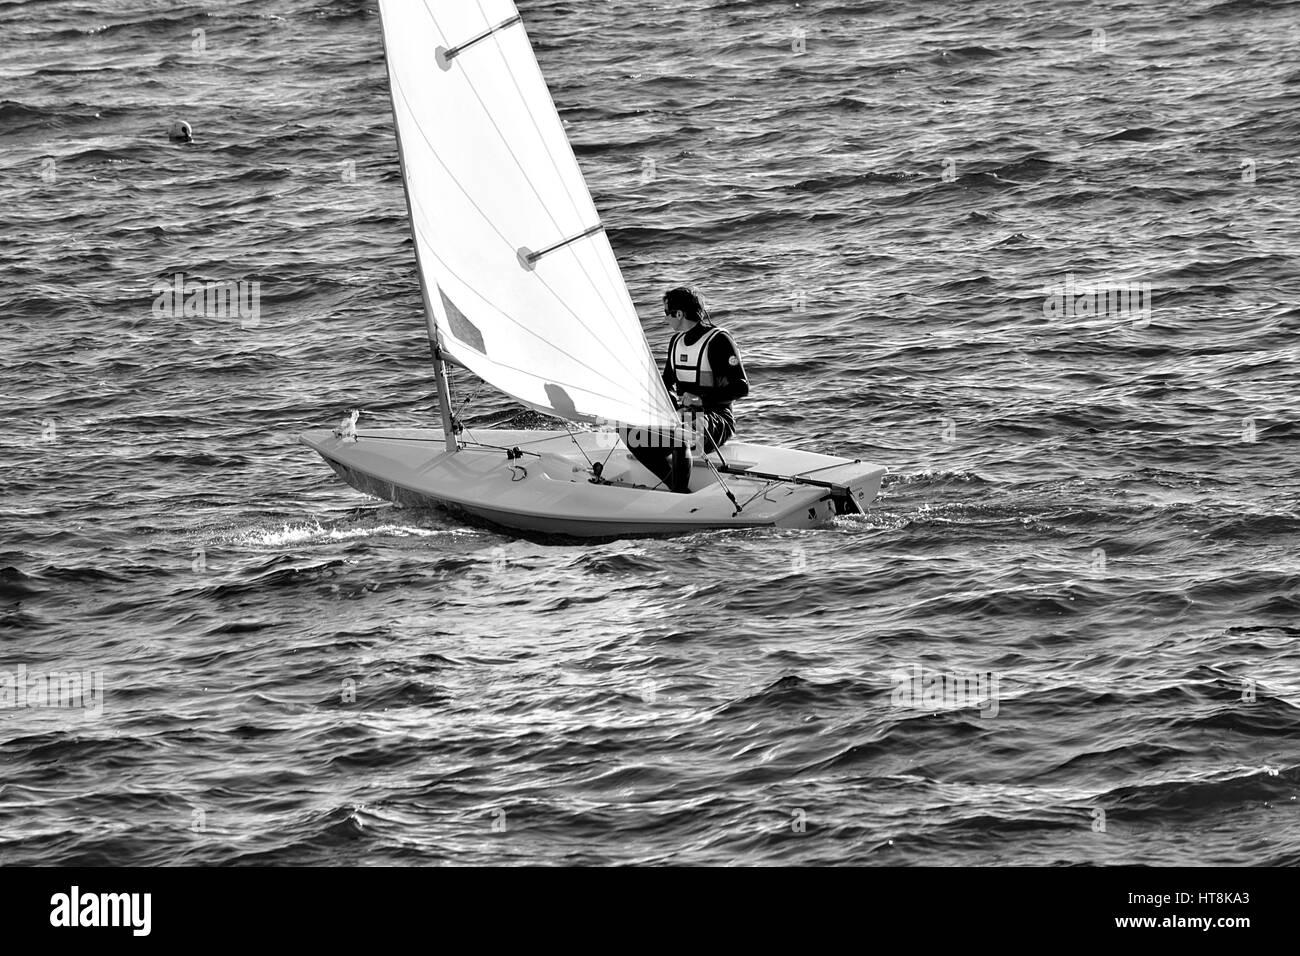 voilier  sur l'eau . - Stock Image